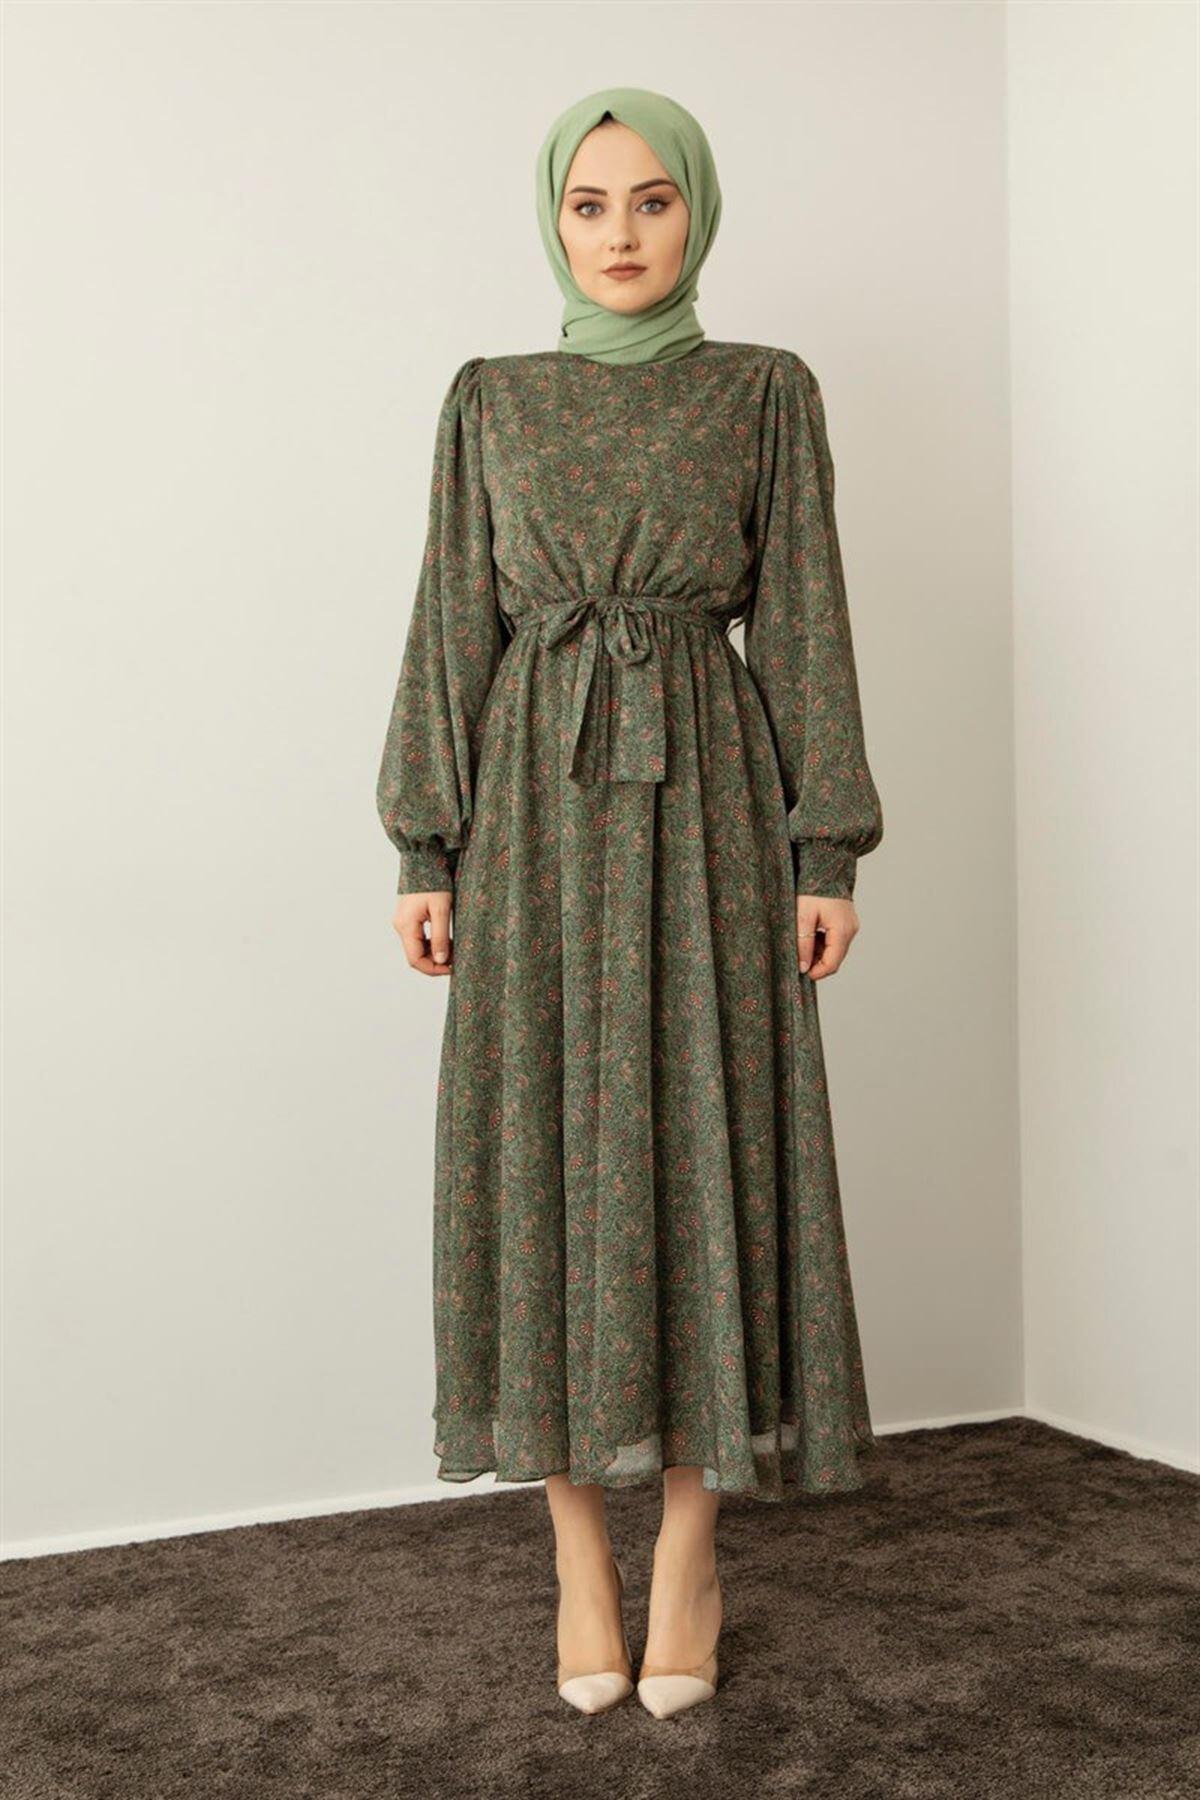 Kadın Etnik Desen Elbise - Yeşil